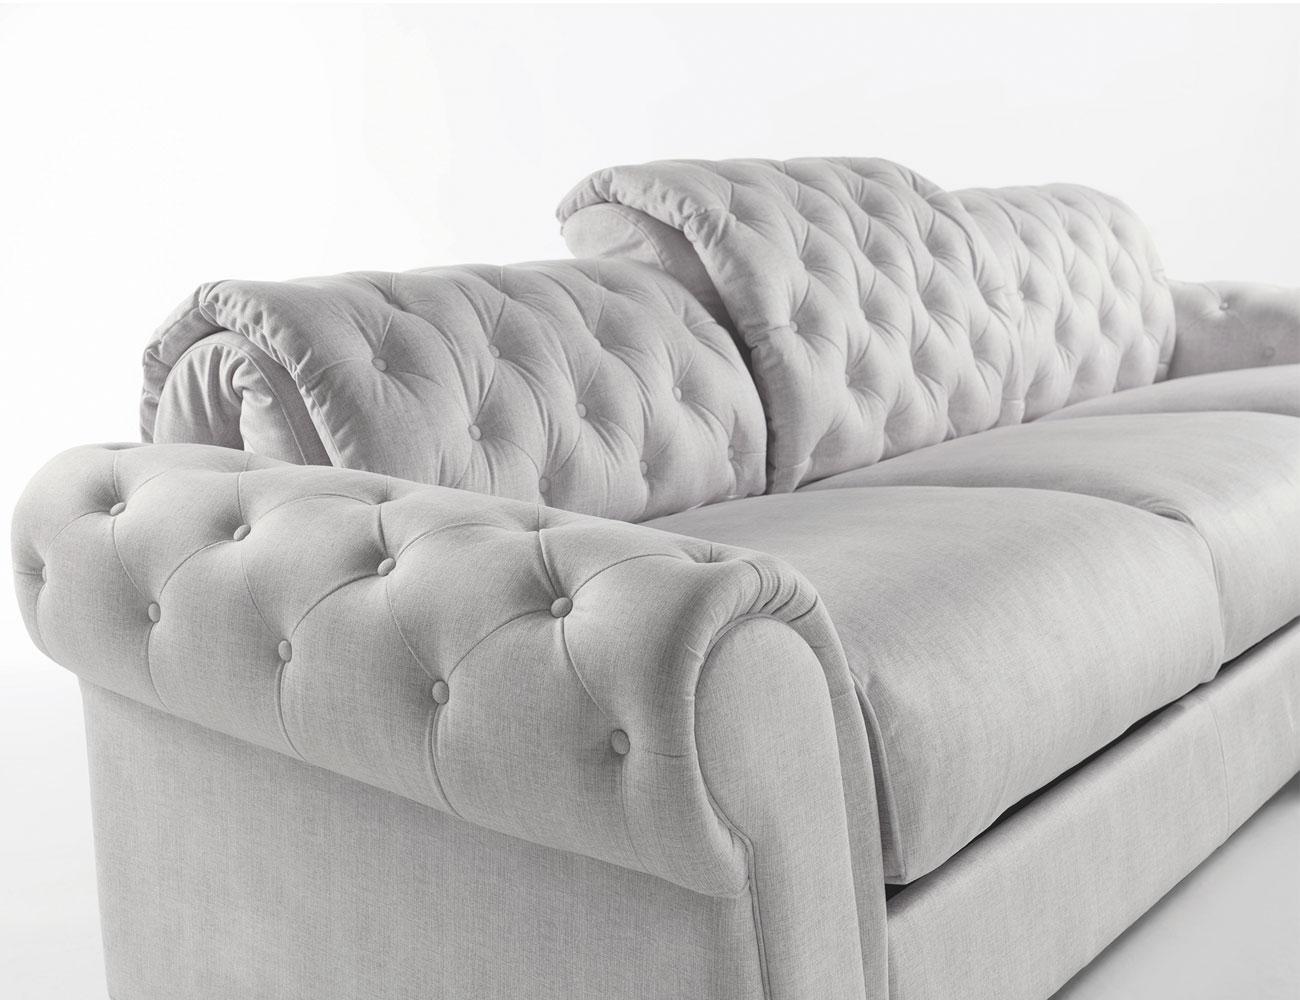 Sofa chaiselongue gran lujo decorativo capitone blanco tela 129